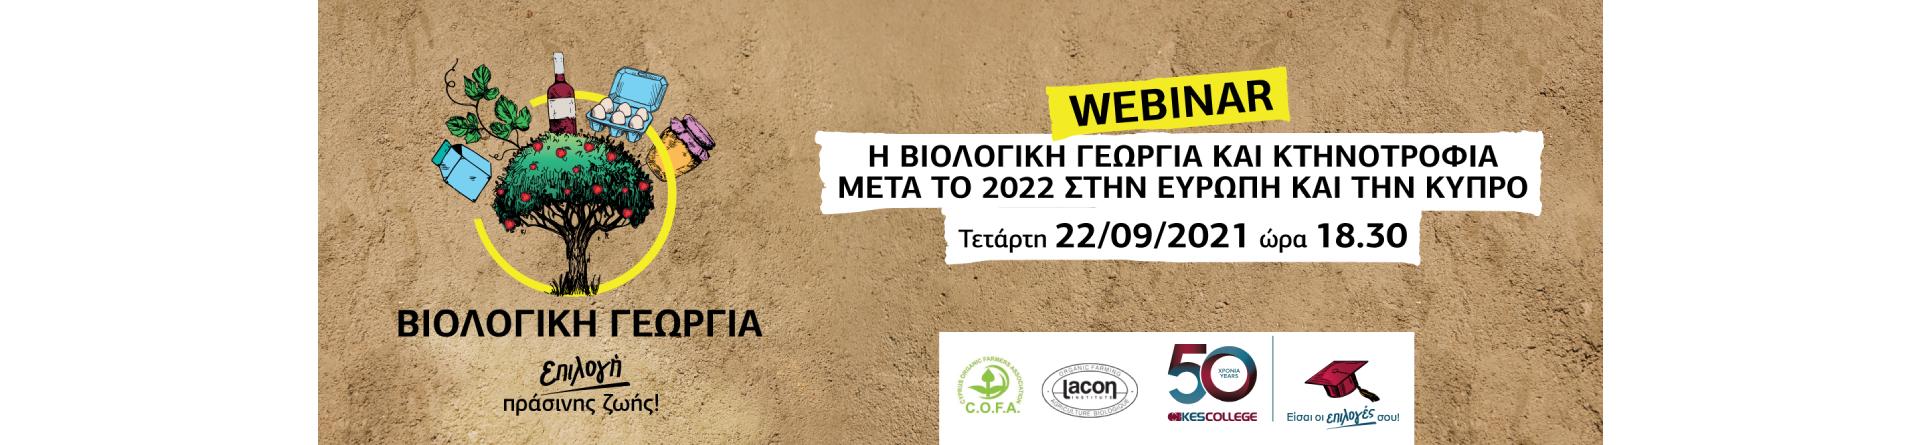 Webinar για τη Βιολογική Γεωργία και Κτηνοτροφία